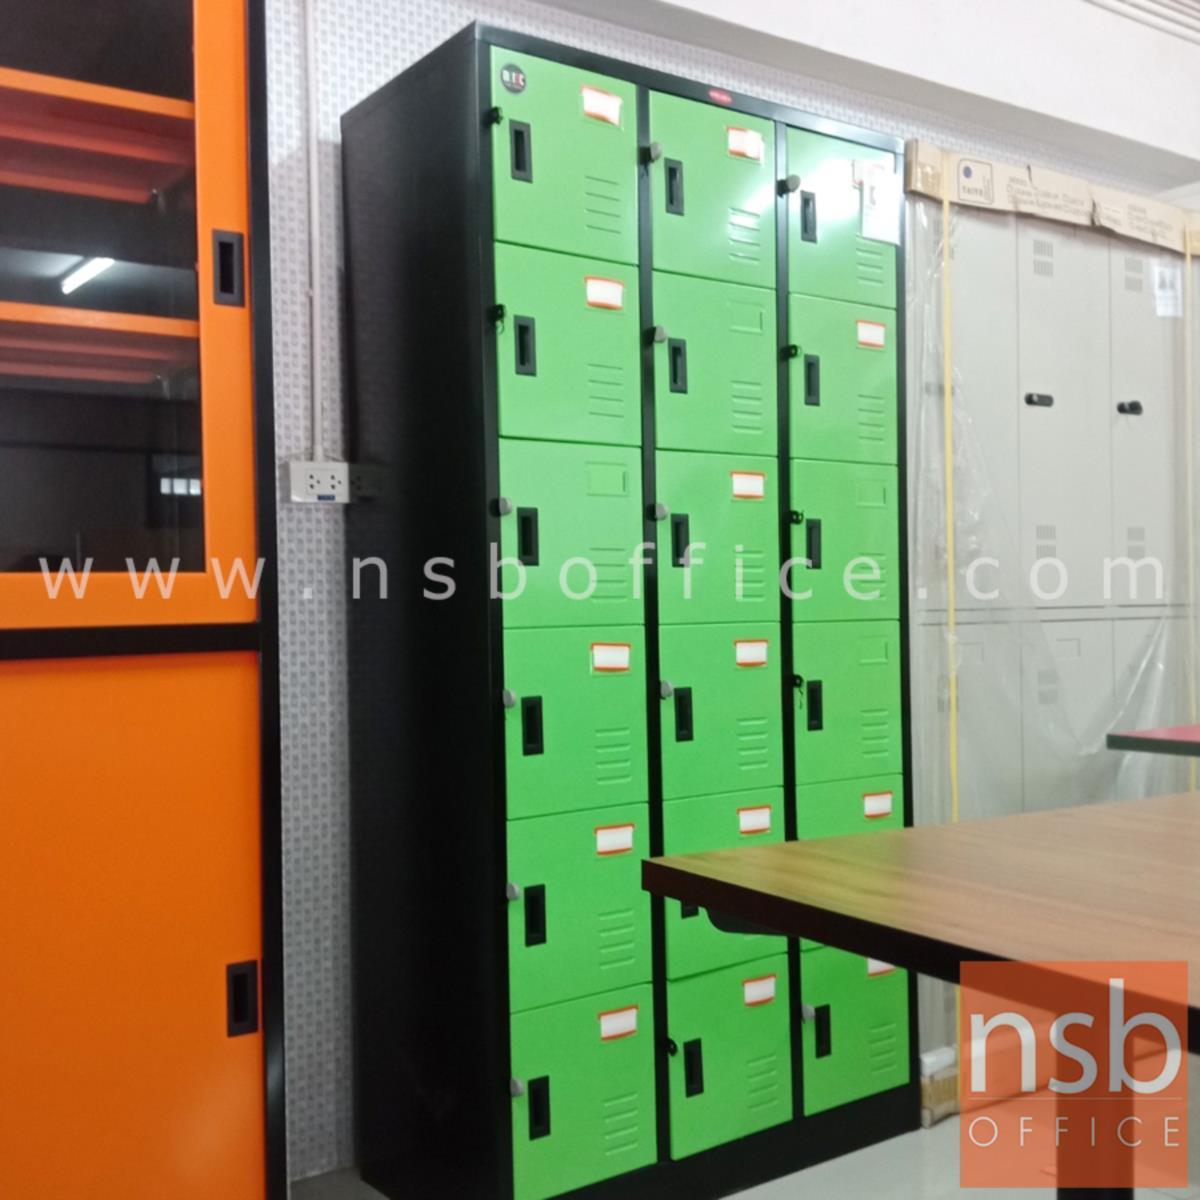 ตู้ล็อคเกอร์ 18 ประตู  รุ่น PPK-018  หน้าบานสีสันโครงตู้สีดำ (ไม่มีกุญแจ มีเฉพาะสายยู)